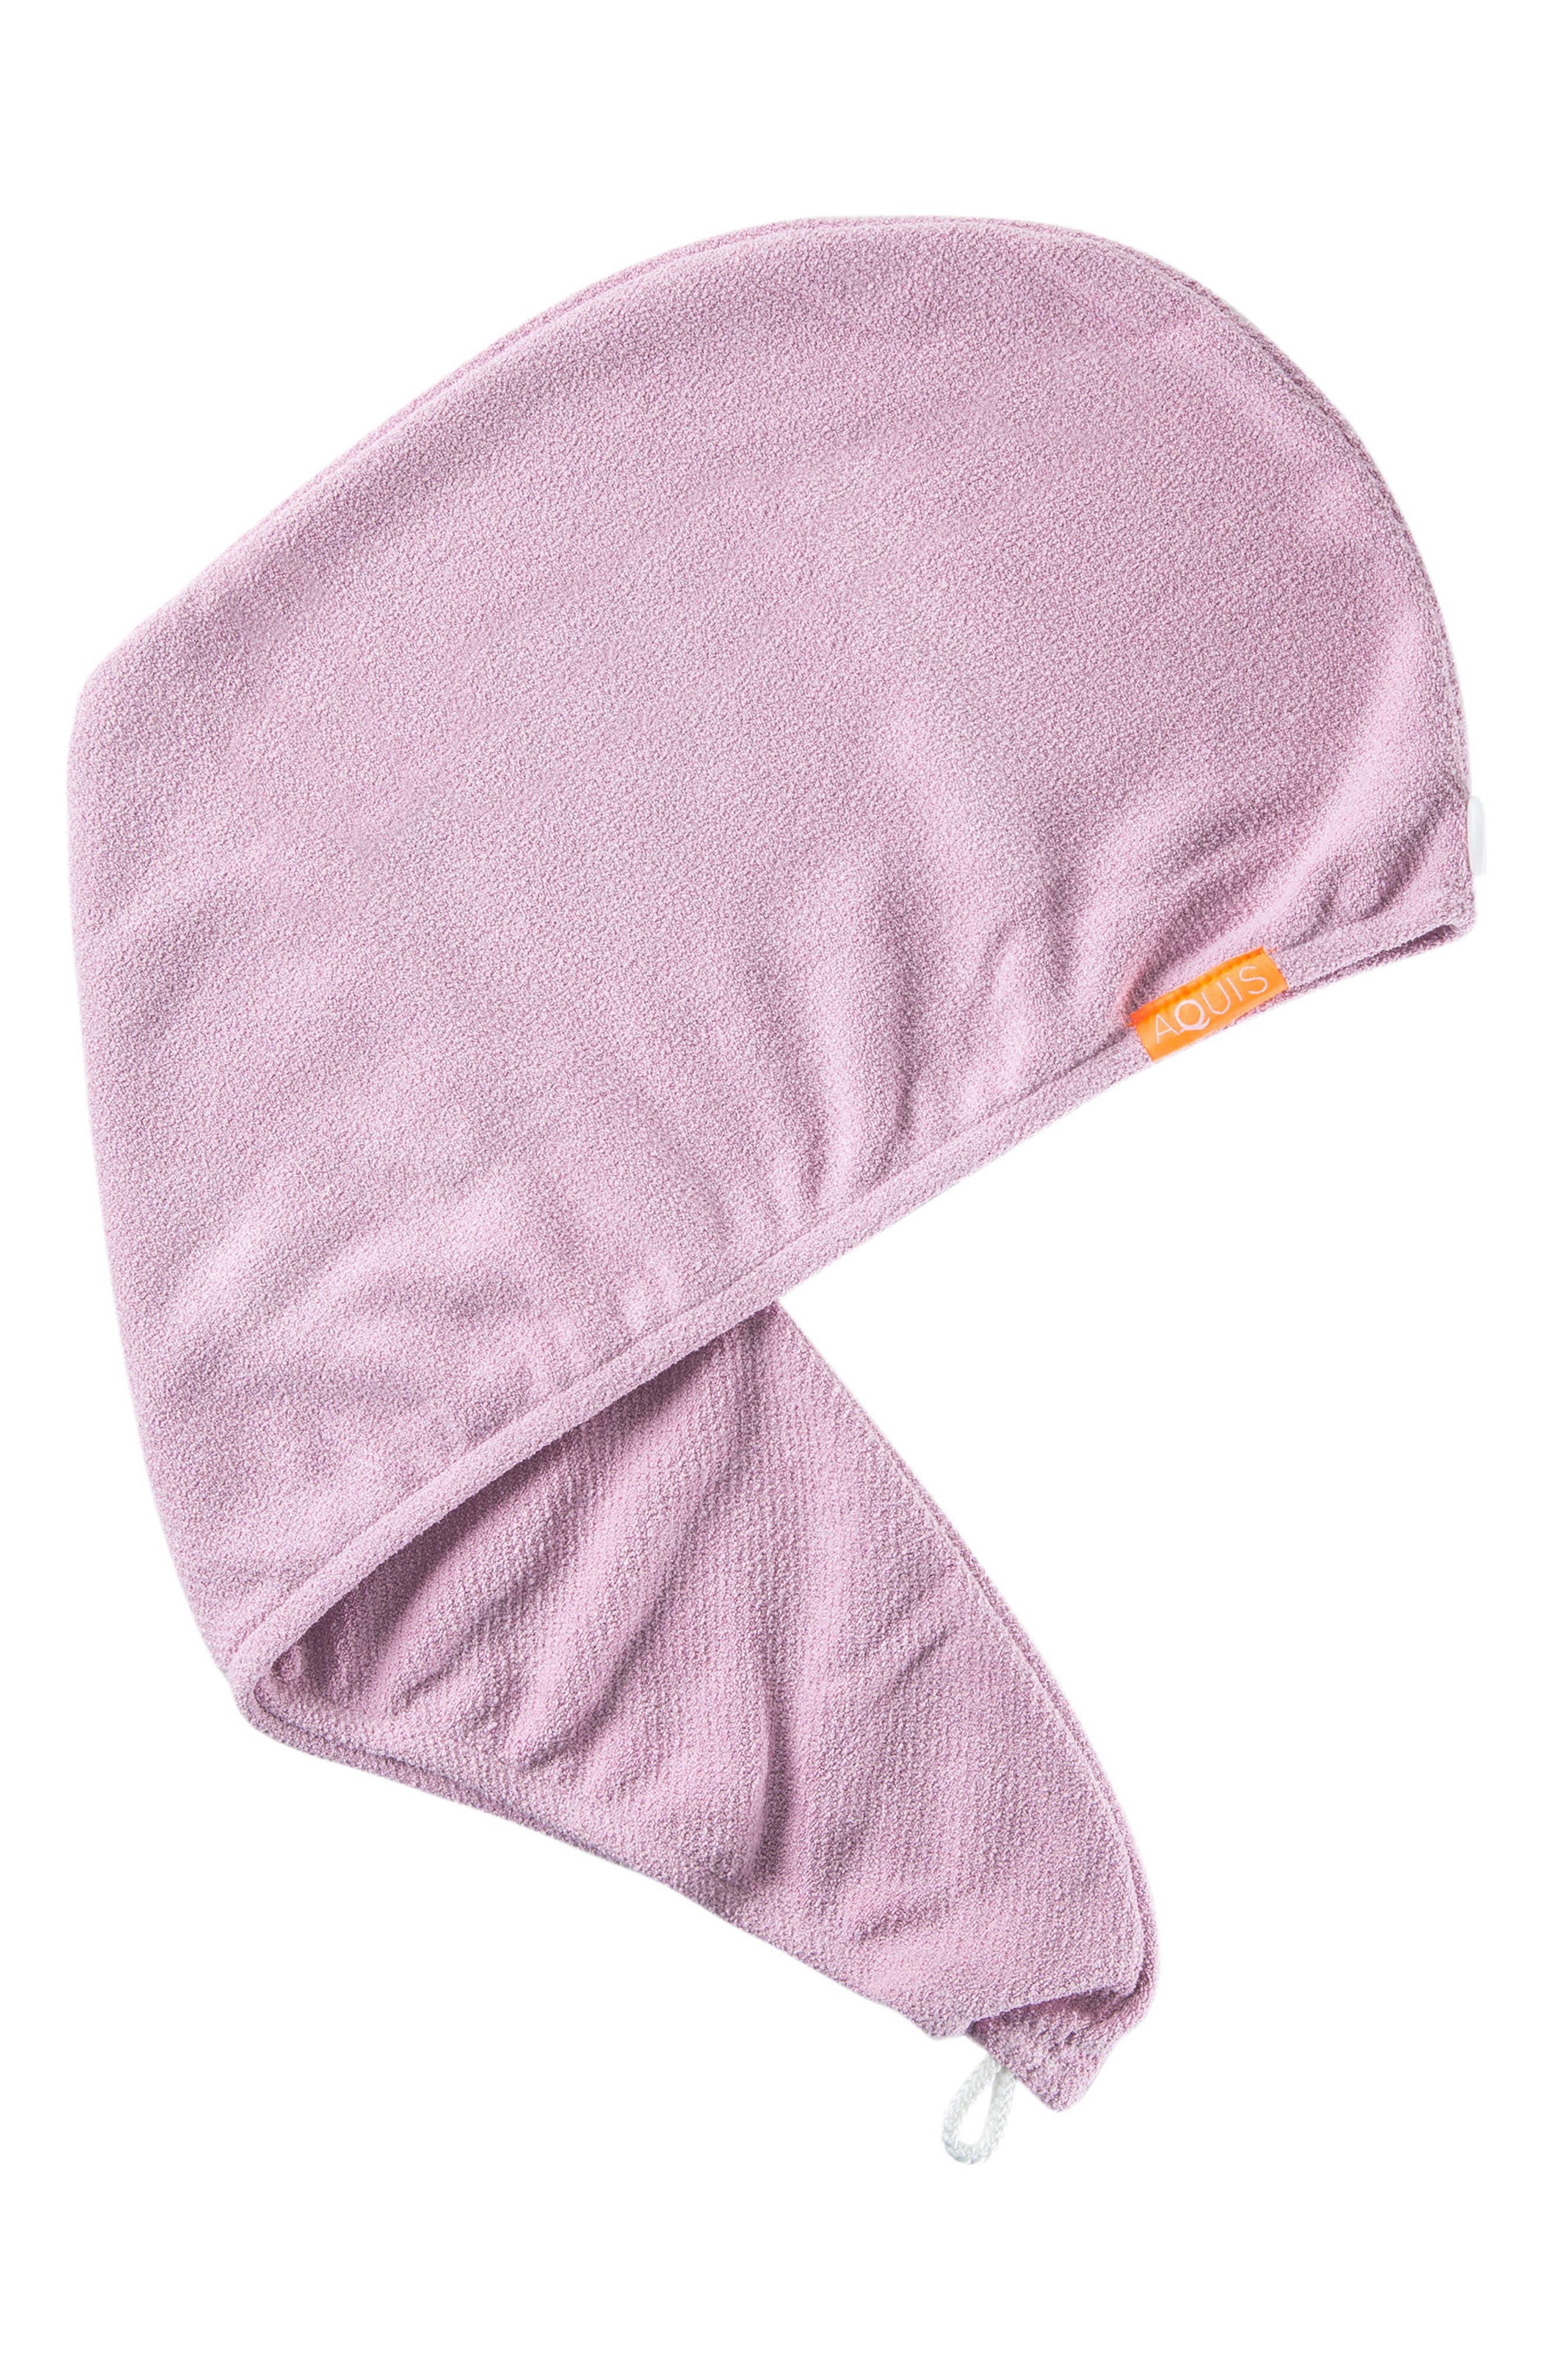 Lisse Luxe Desert Rose Hair Turban,                             Alternate thumbnail 2, color,                             DESERT ROSE